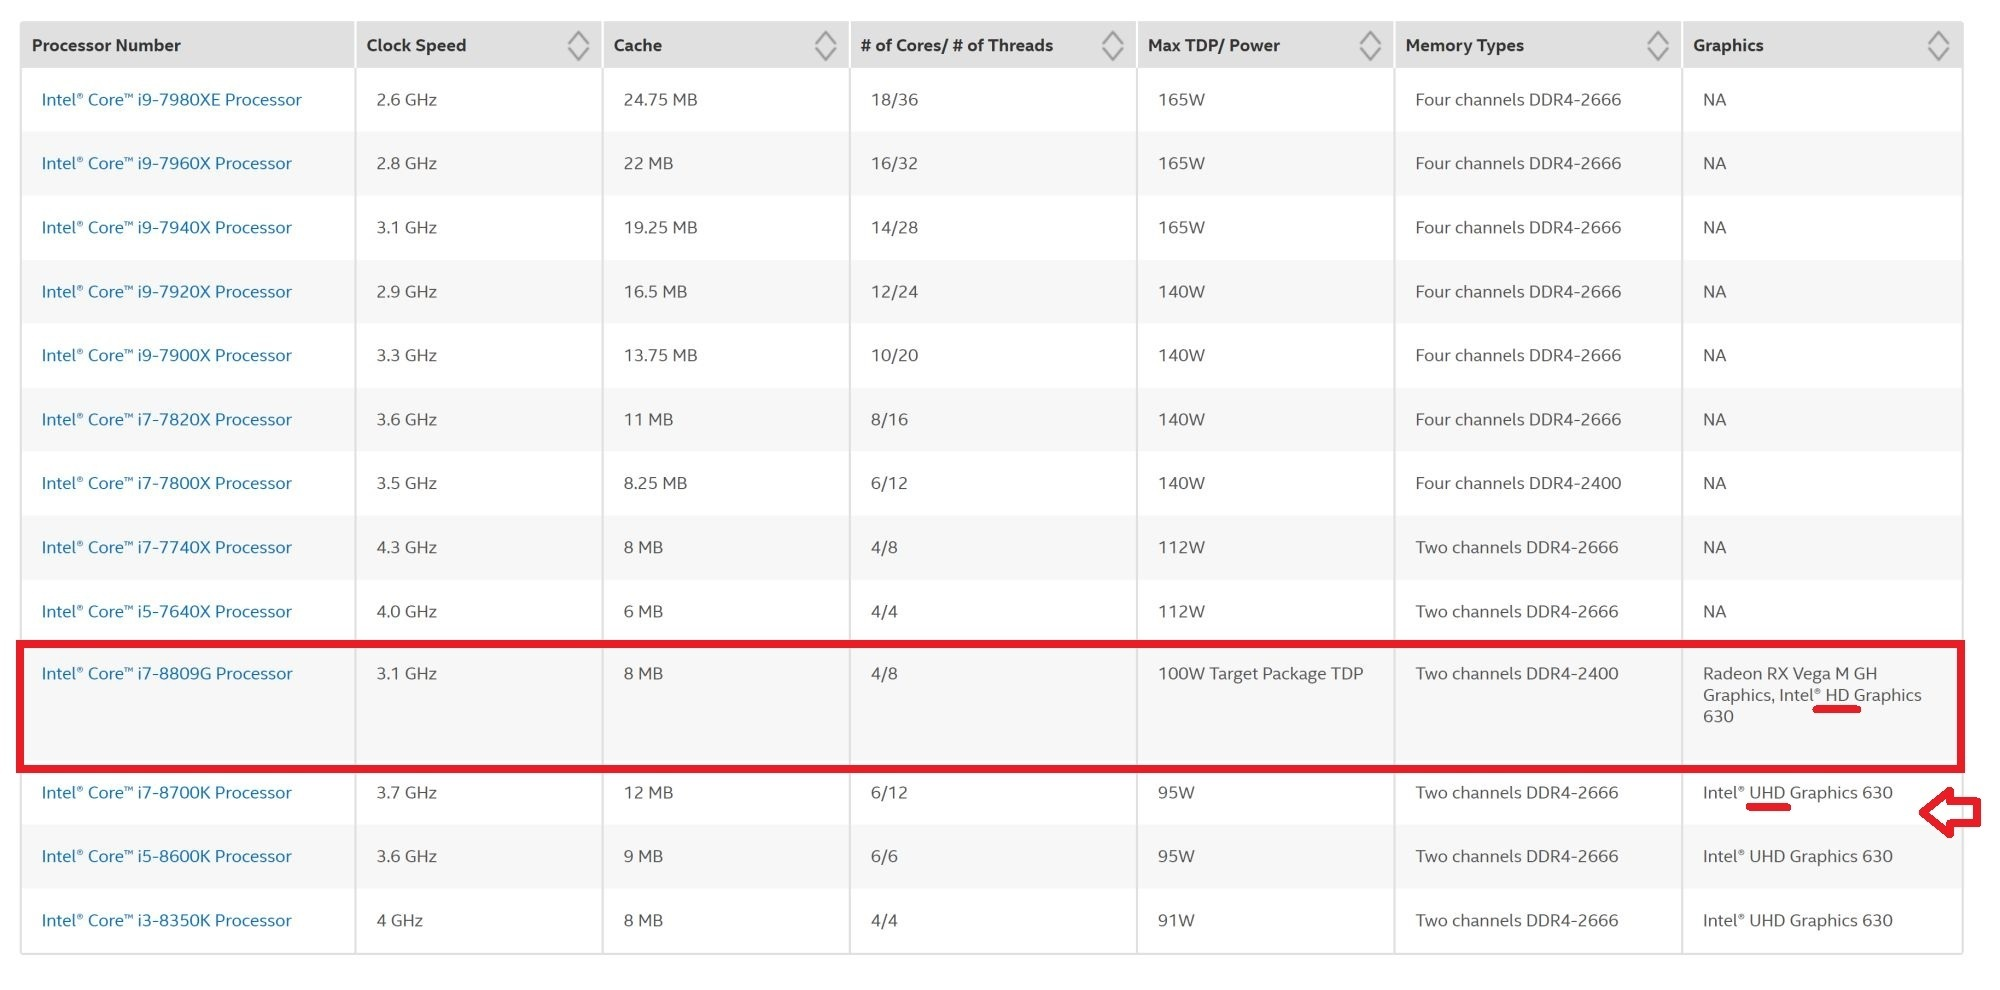 인도 인텔의 오버클러킹 관련 목록에 우연히 올라온 코어 i7-8809G. 현재는 지워진 상태이다.